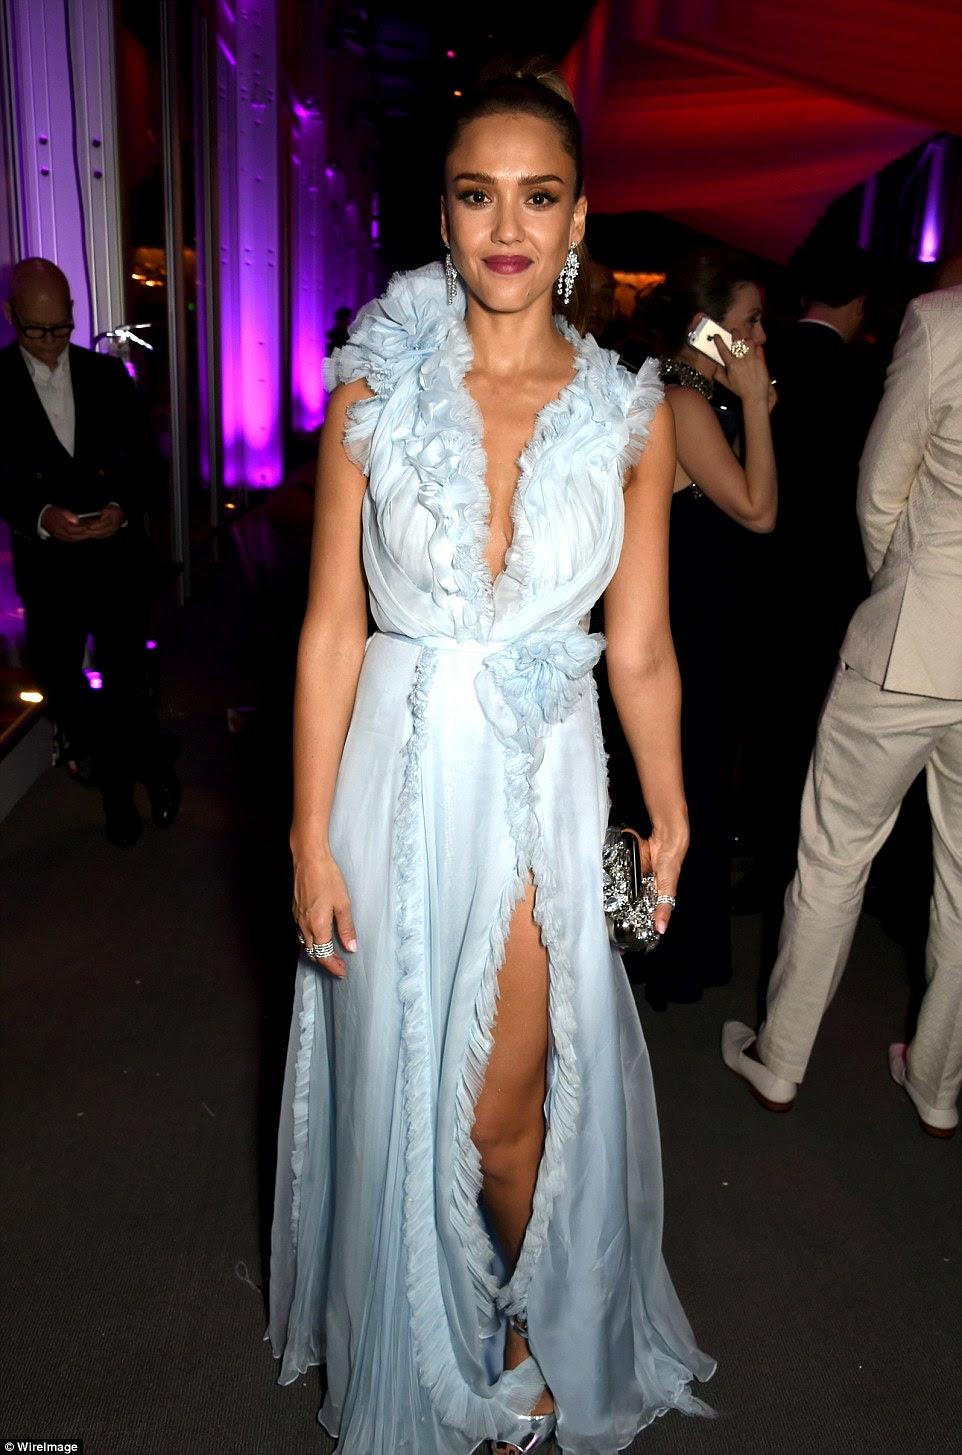 Oh wow: Ir para um olhar nervoso foi Jessica Alba, que foi para arranhões exigentes em um vestido azul cornflower com um decote mergulhando e divisão perigosa ao longo do comprimento da perna